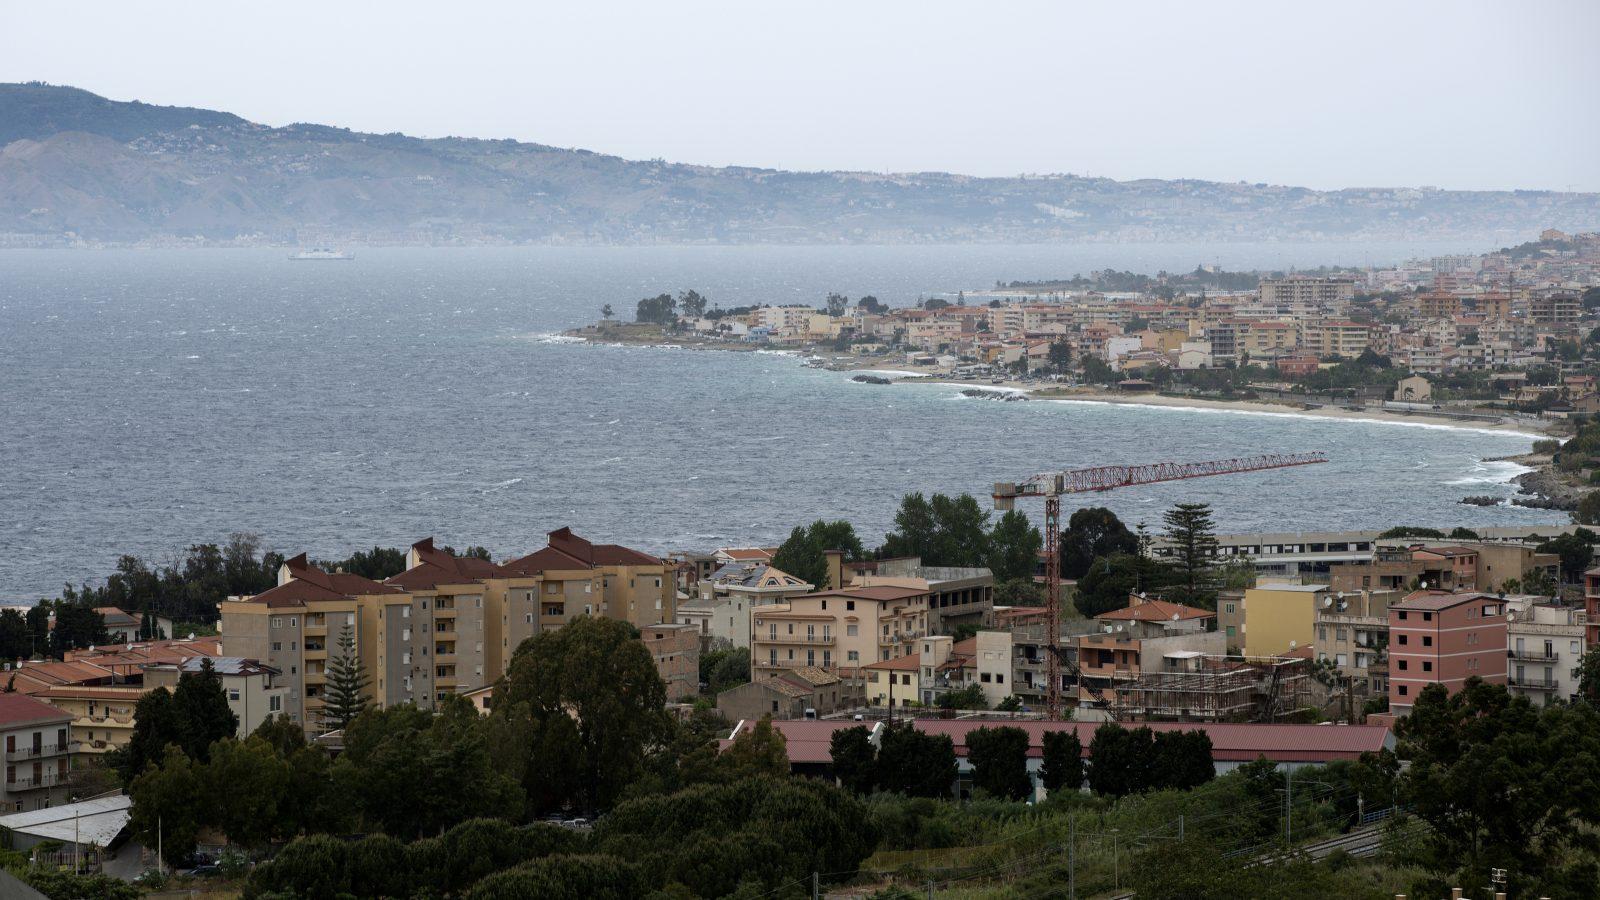 Vista dello Stretto di Messina da Reggio Calabria (Archivio storico Anas)